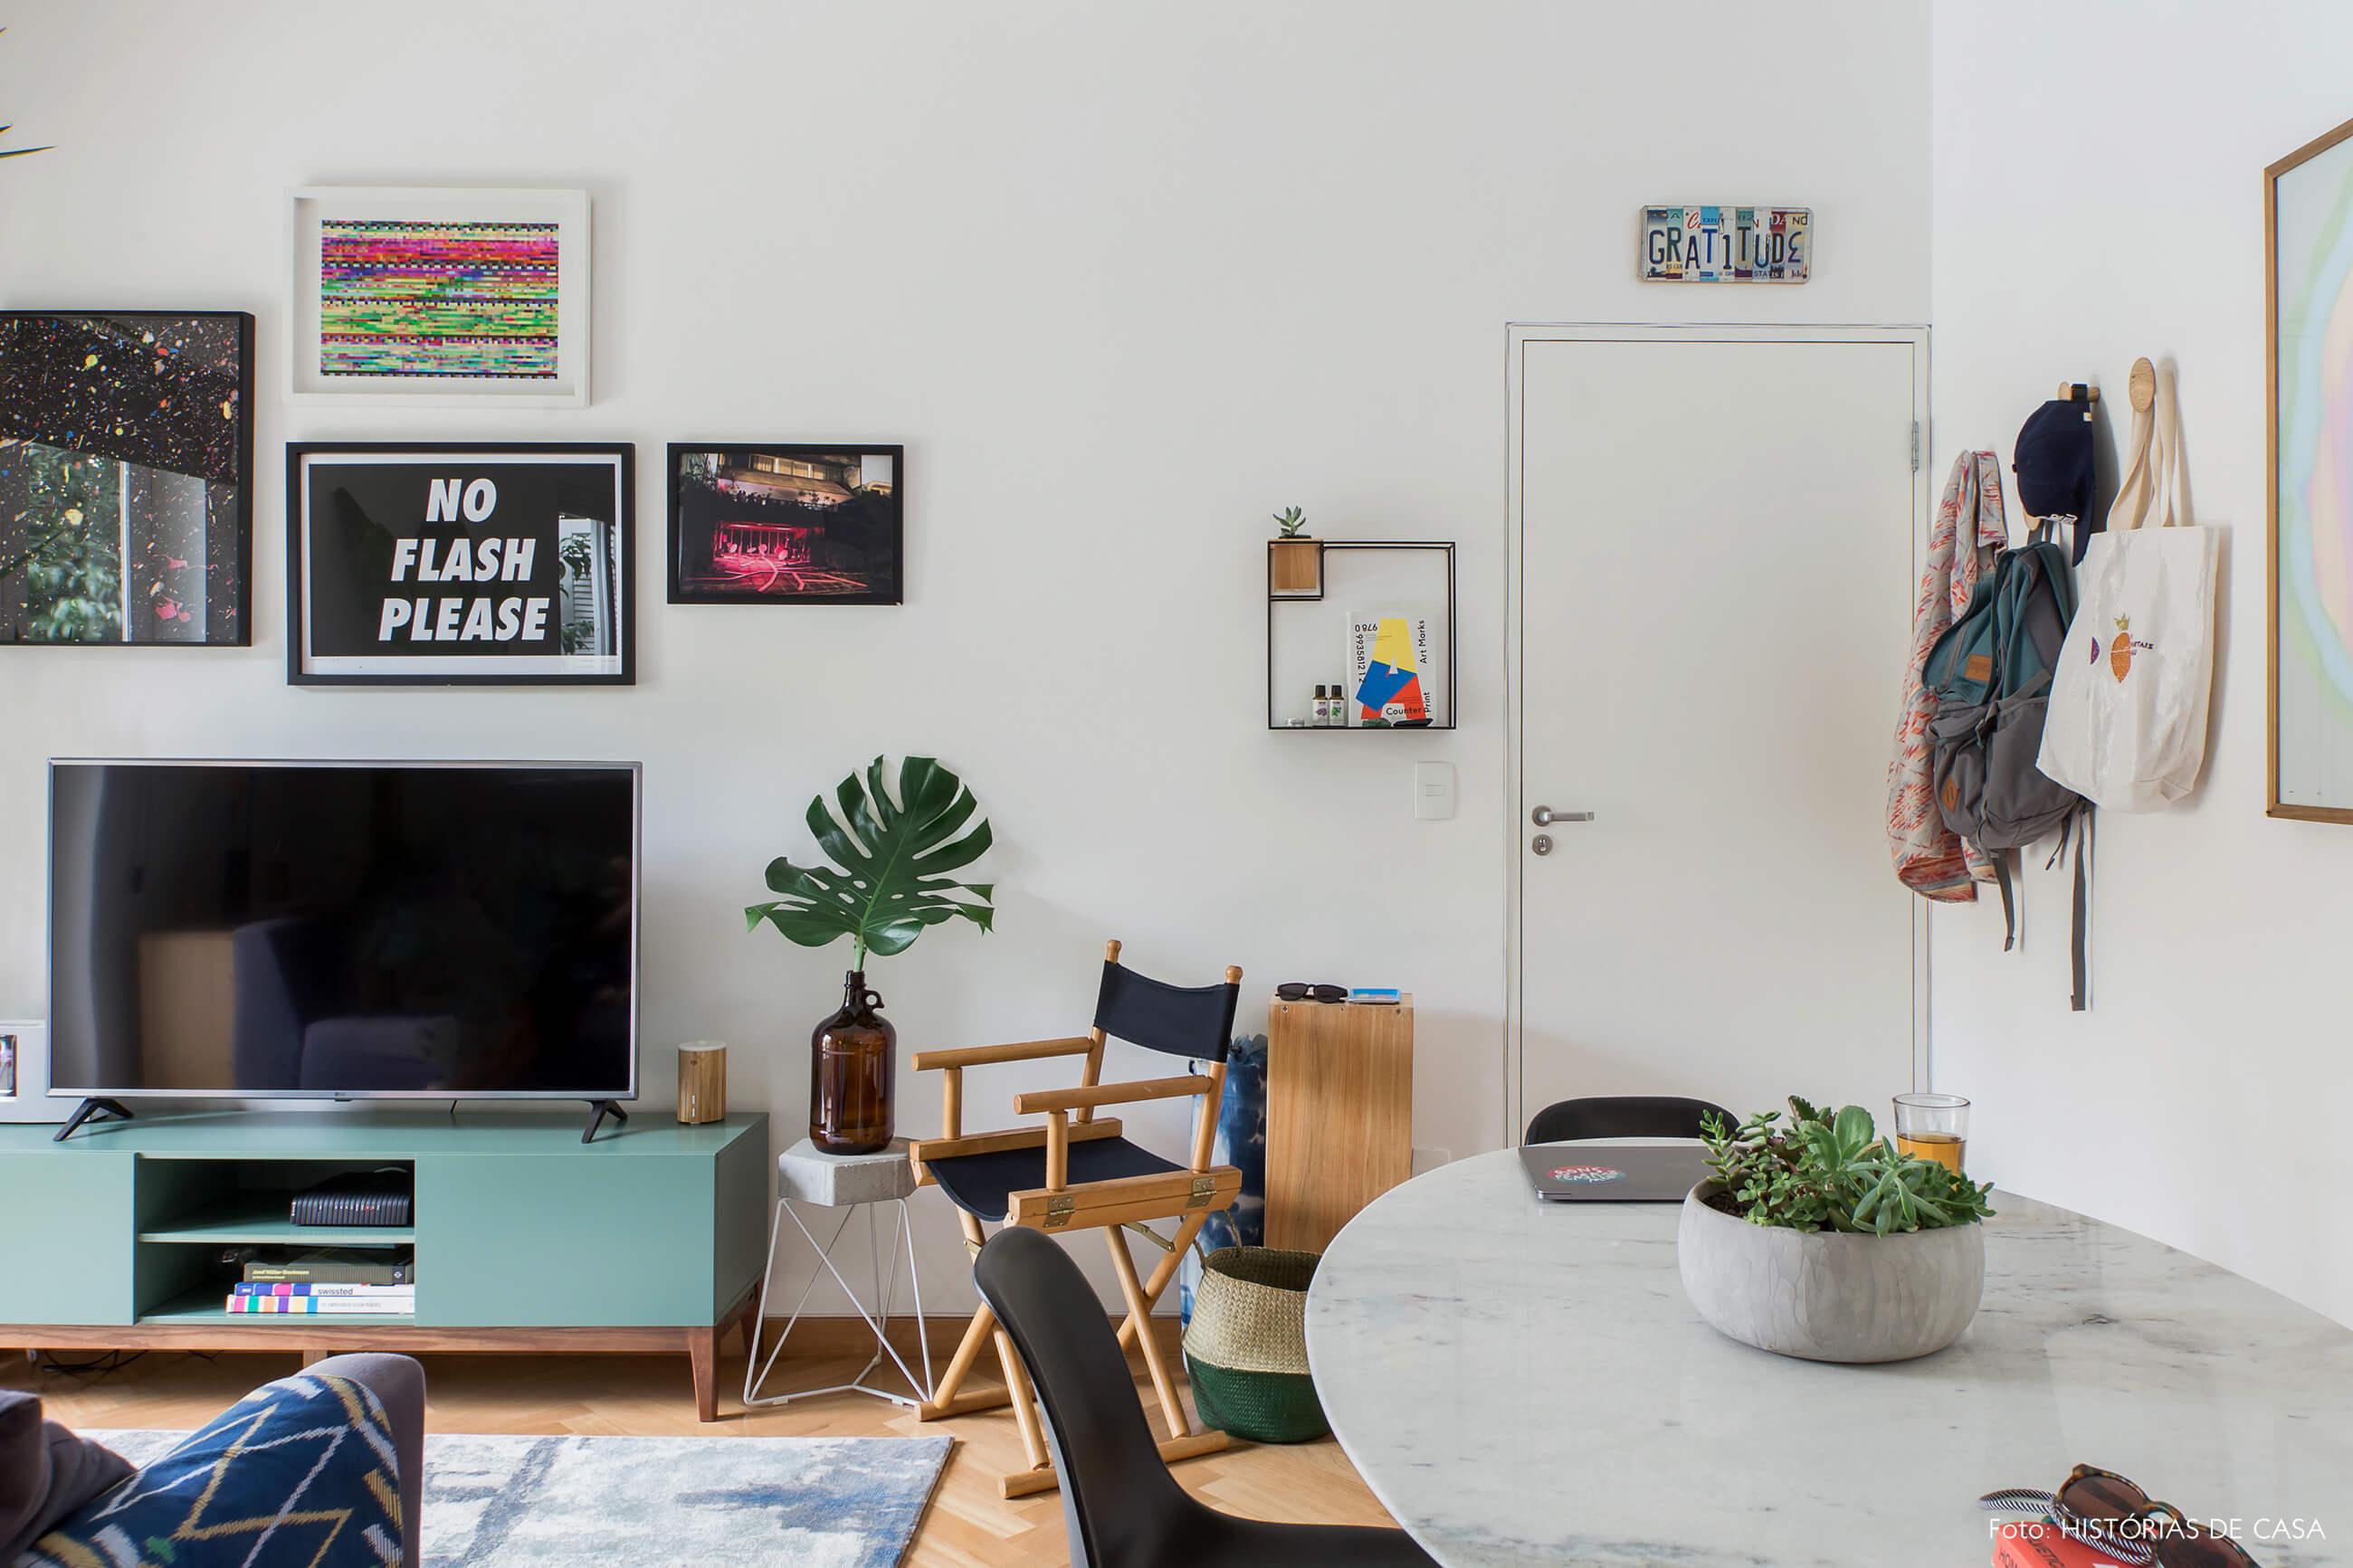 Apartamento alugado com decoração inspiradora, parede de quadros atrás da televisão